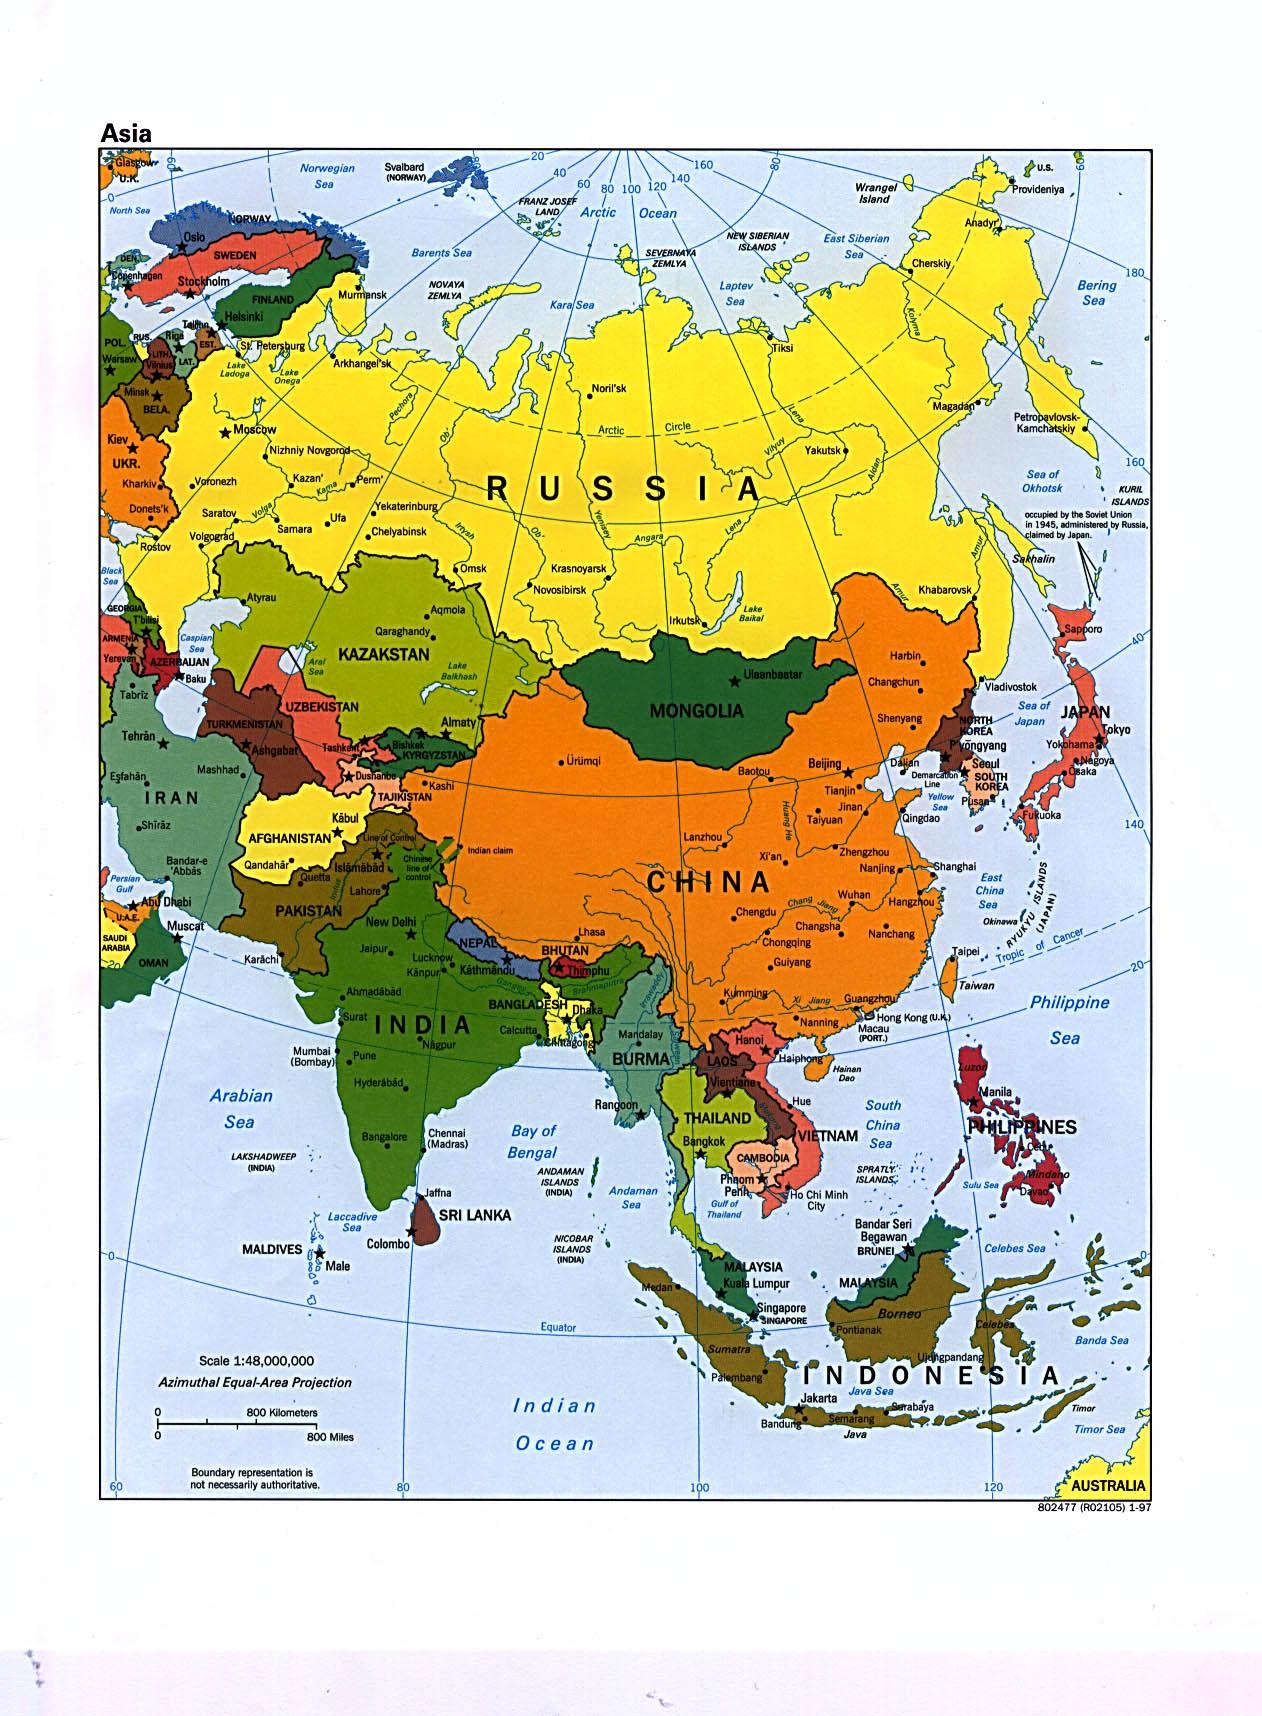 Carte Asie Avec Villes.Cartograf Fr Les Cartes Des Continents L Asie